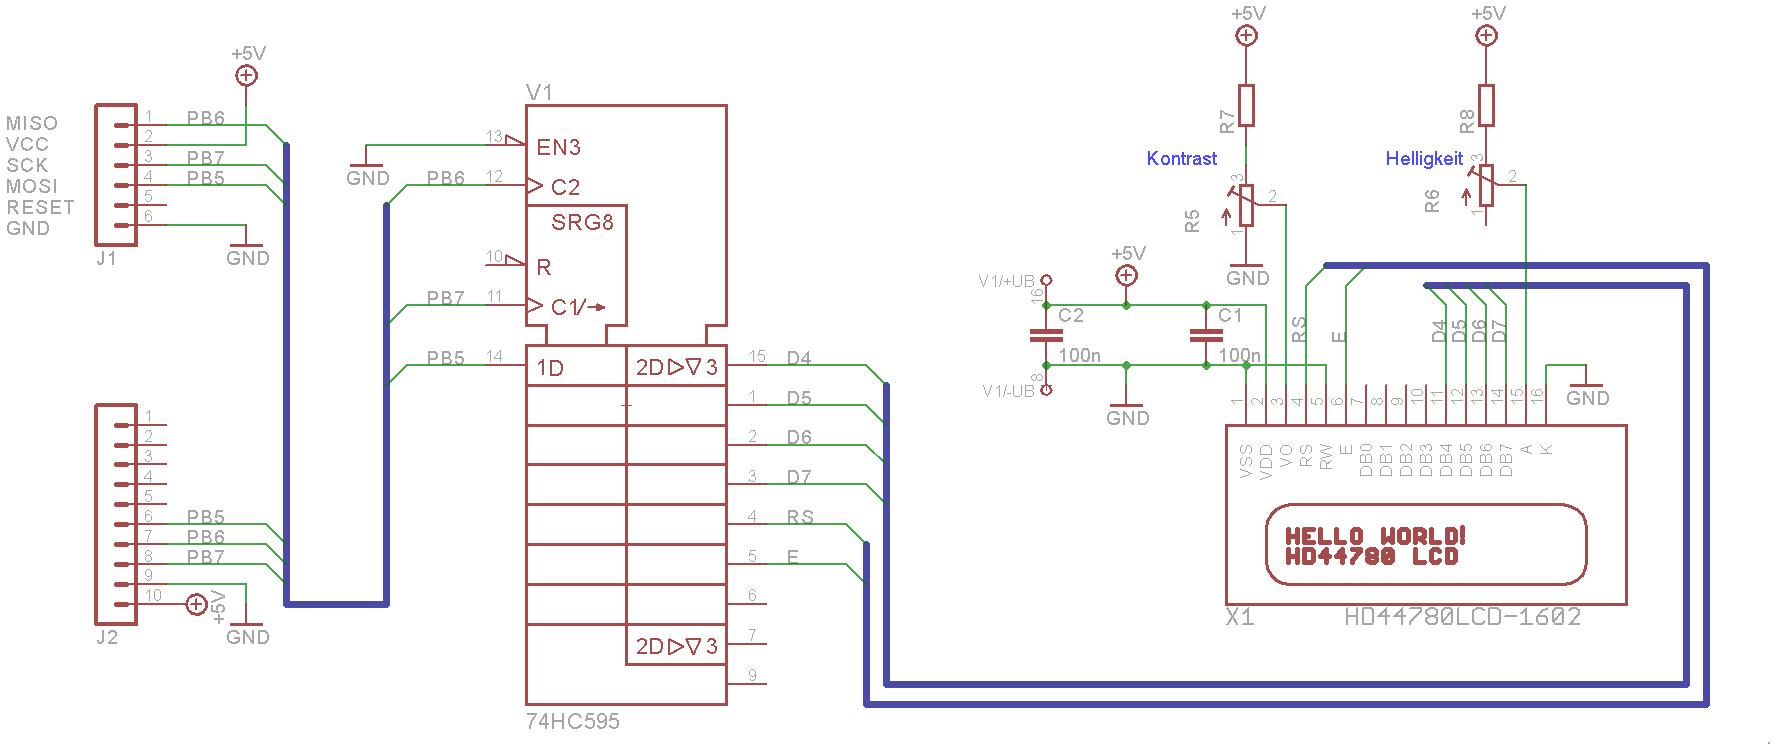 Schaltplan zeichnen - Mikrocontroller.net